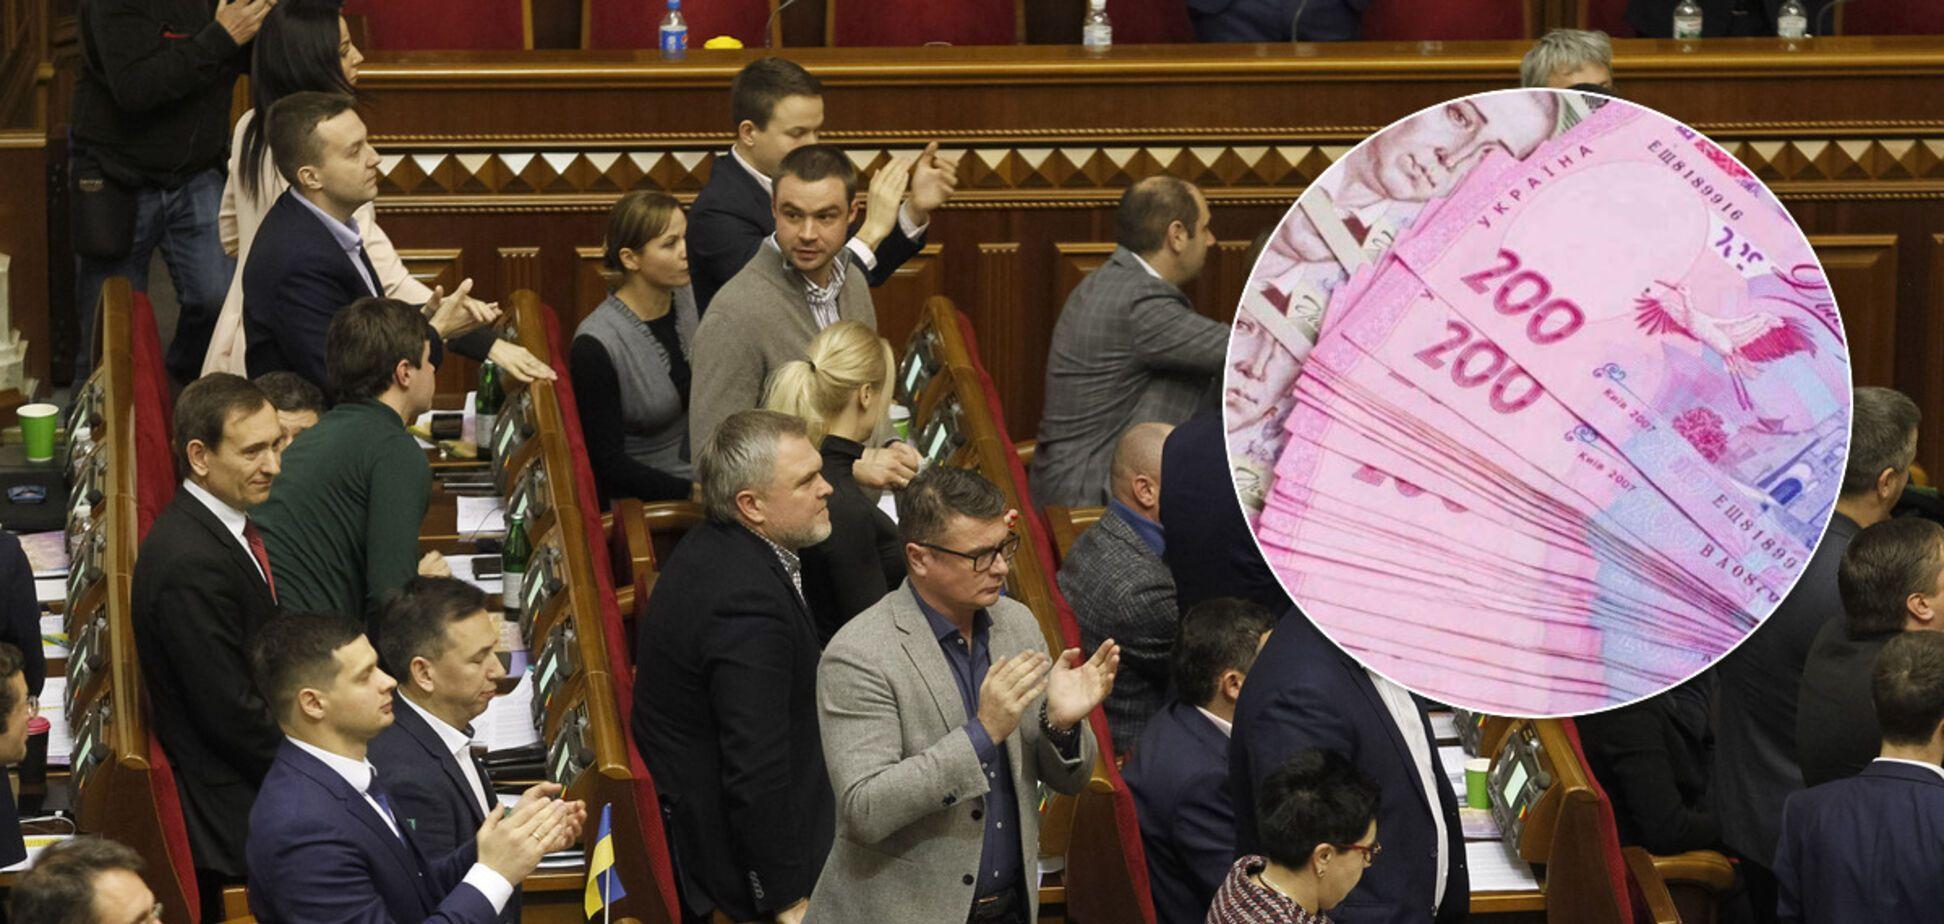 Рада готовит экстренное заседание: проголосуют за ЧП и сократят расходы из-за коронавируса